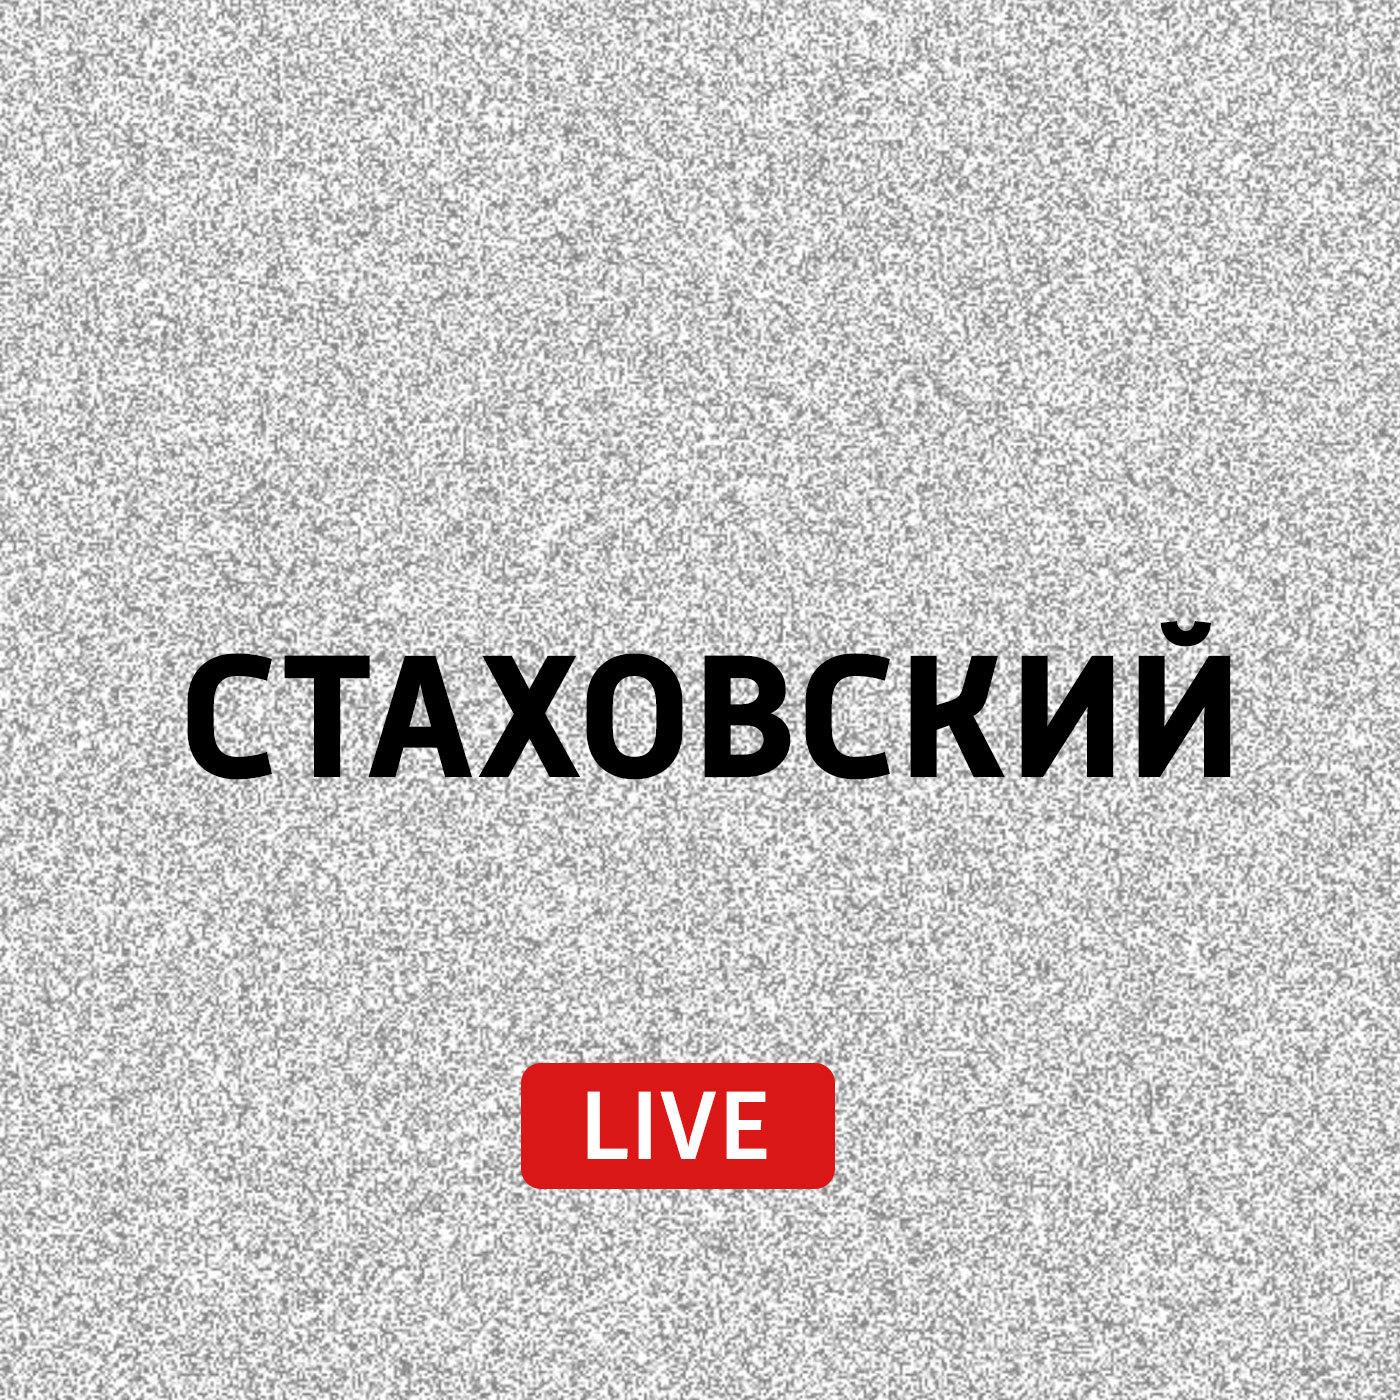 Евгений Стаховский О премьер-министрах, силе и этике цены онлайн